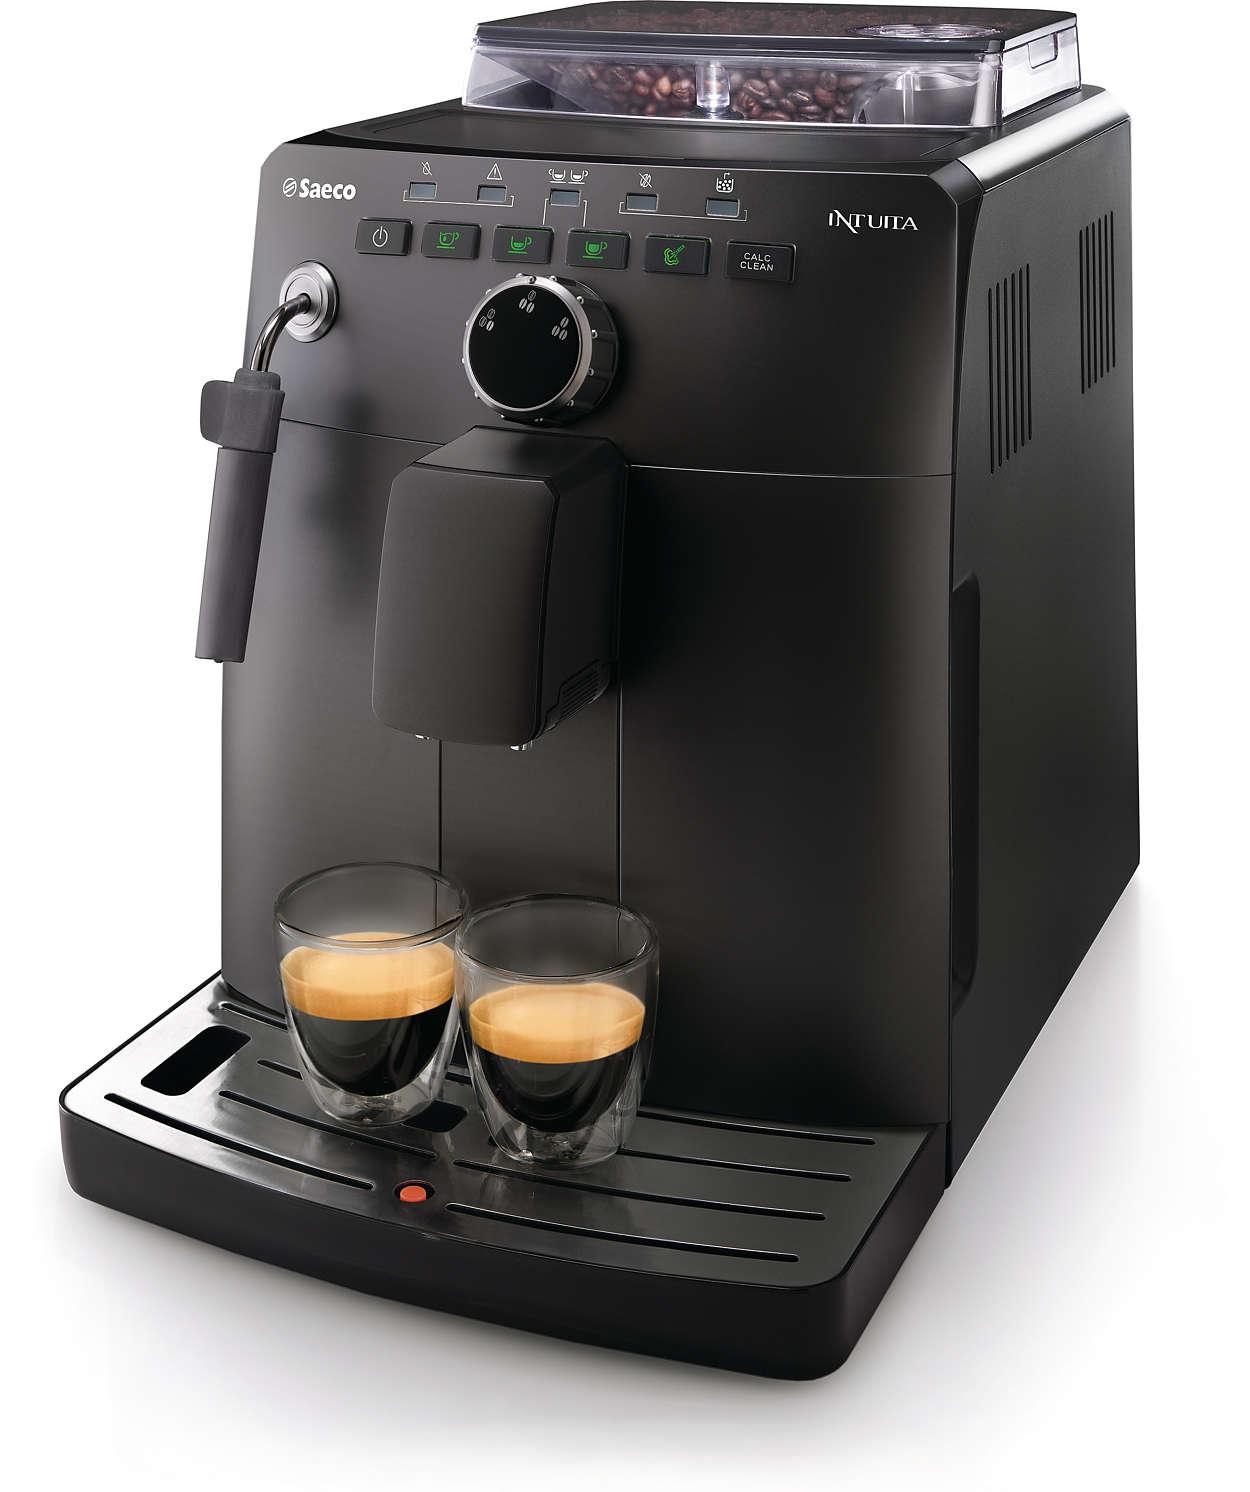 Un espresso à partir de grains de café frais